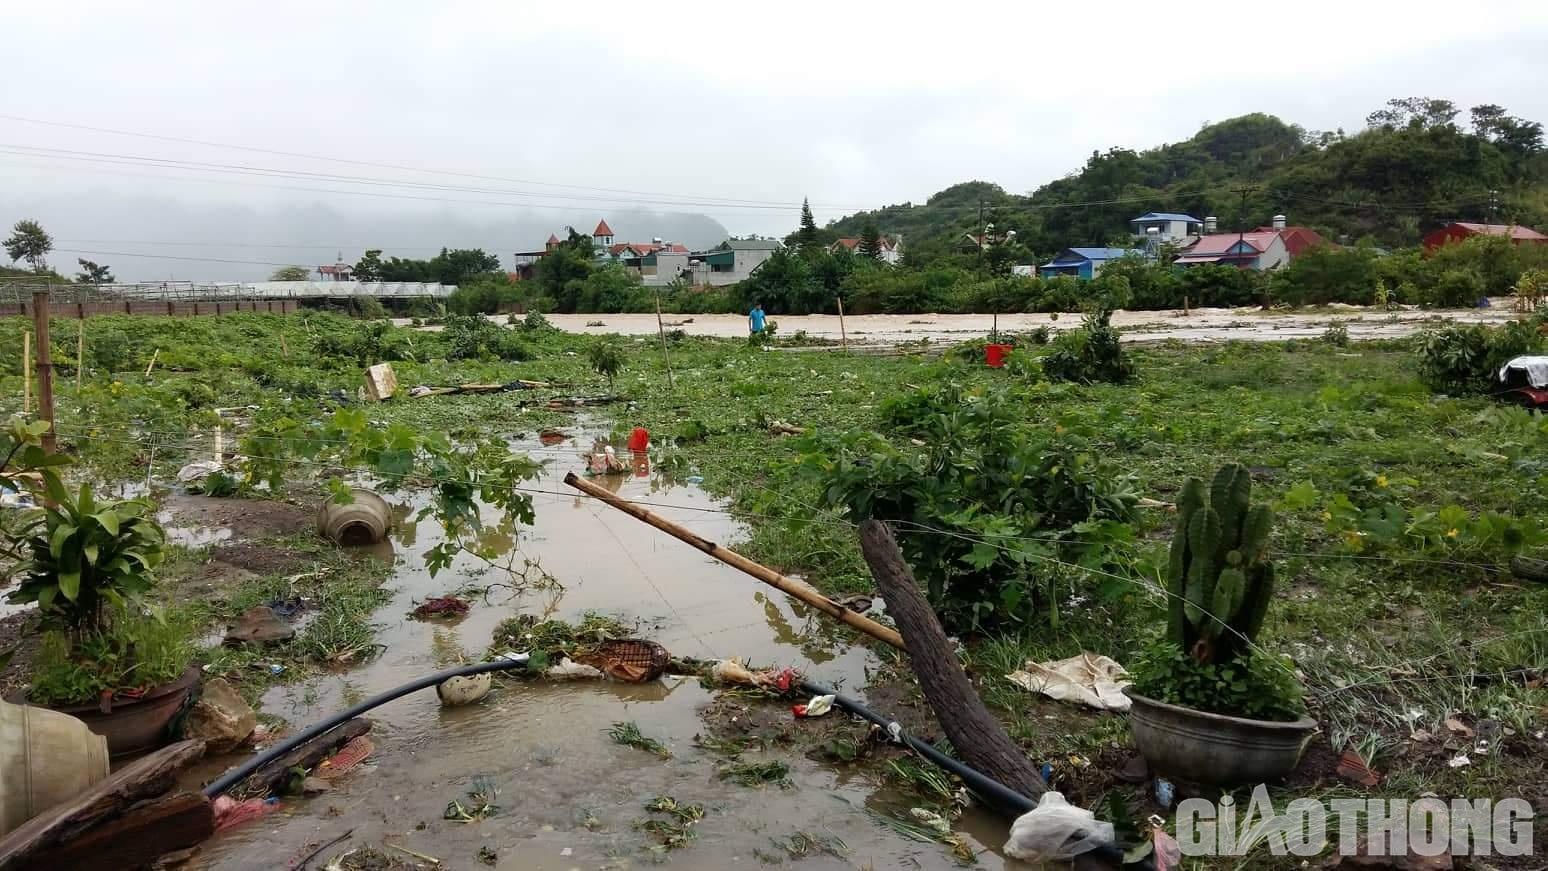 Mưa lũ khiến 1 người chết, hàng trăm ngôi nhà ở Sơn La bị ngập sâu - Ảnh 9